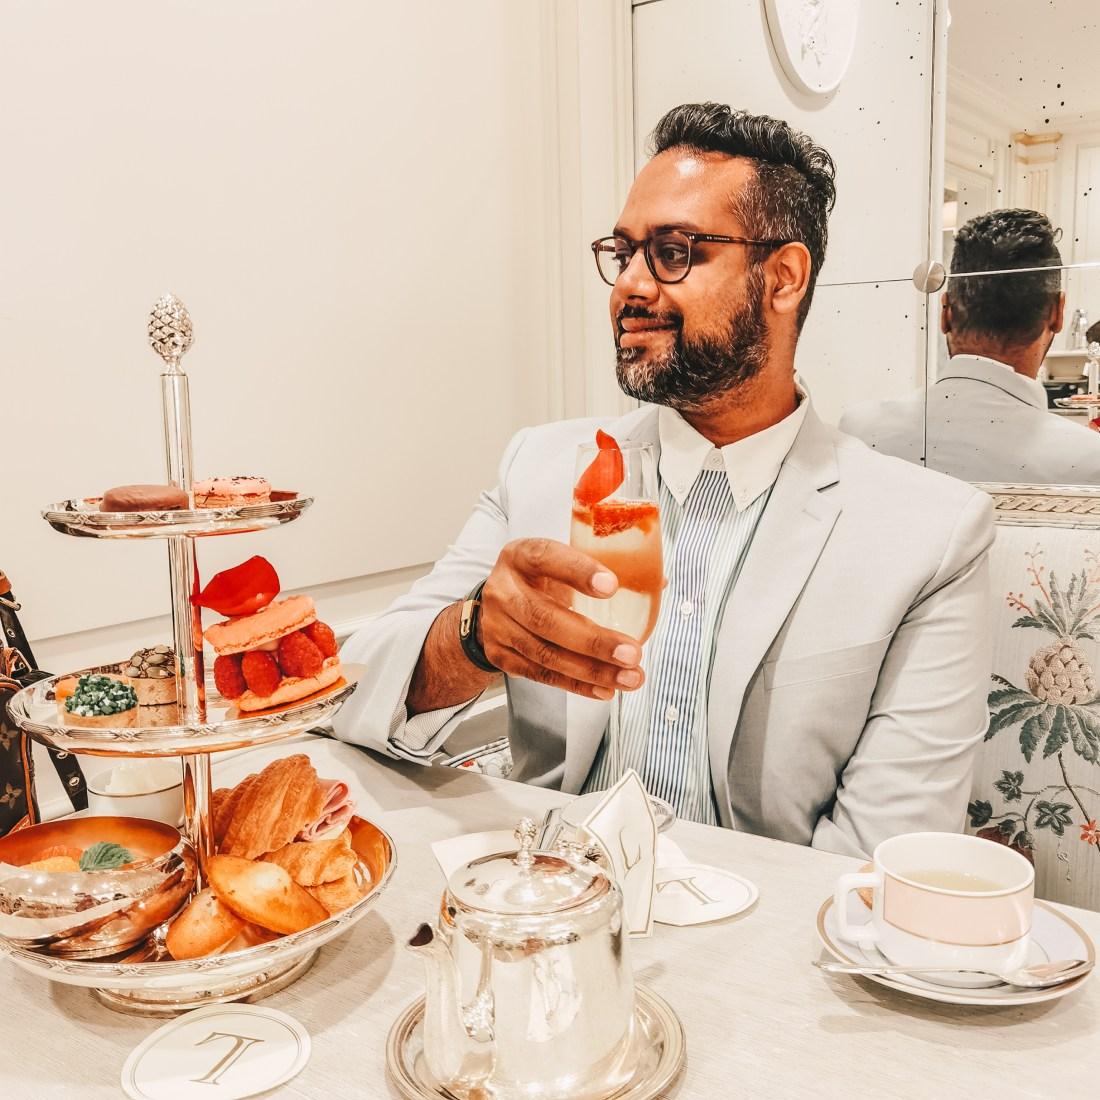 Laduree Vancouver - Robson Street - French Patisserie - Afternoon Tea